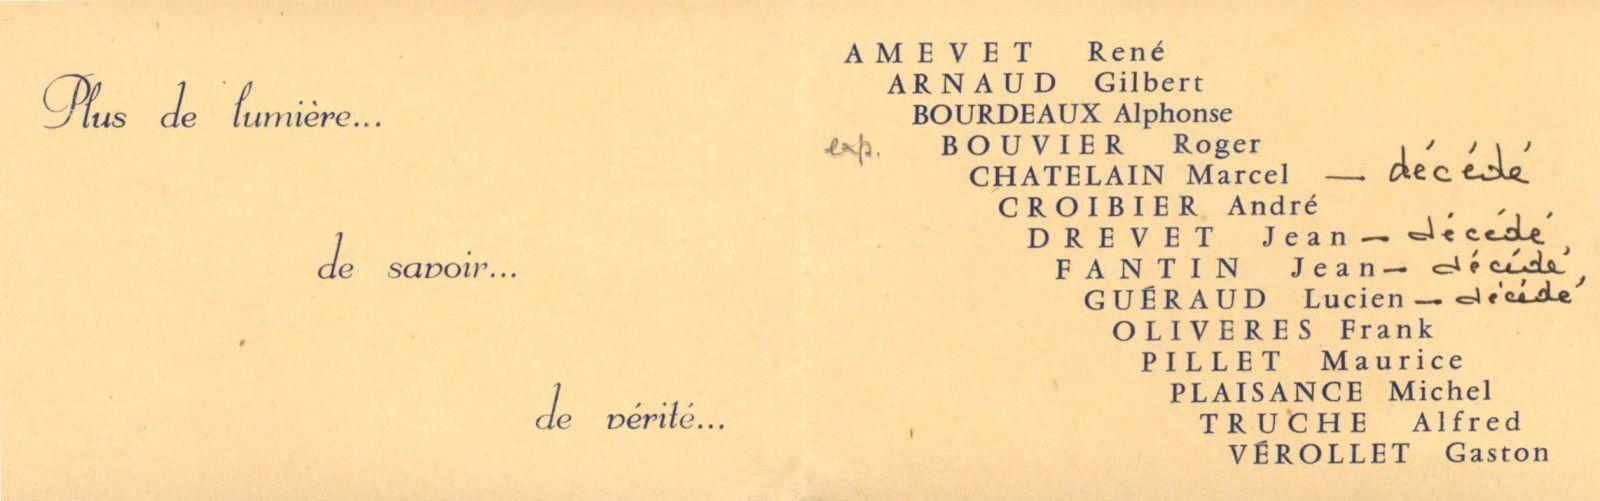 91-carte-V.jpg